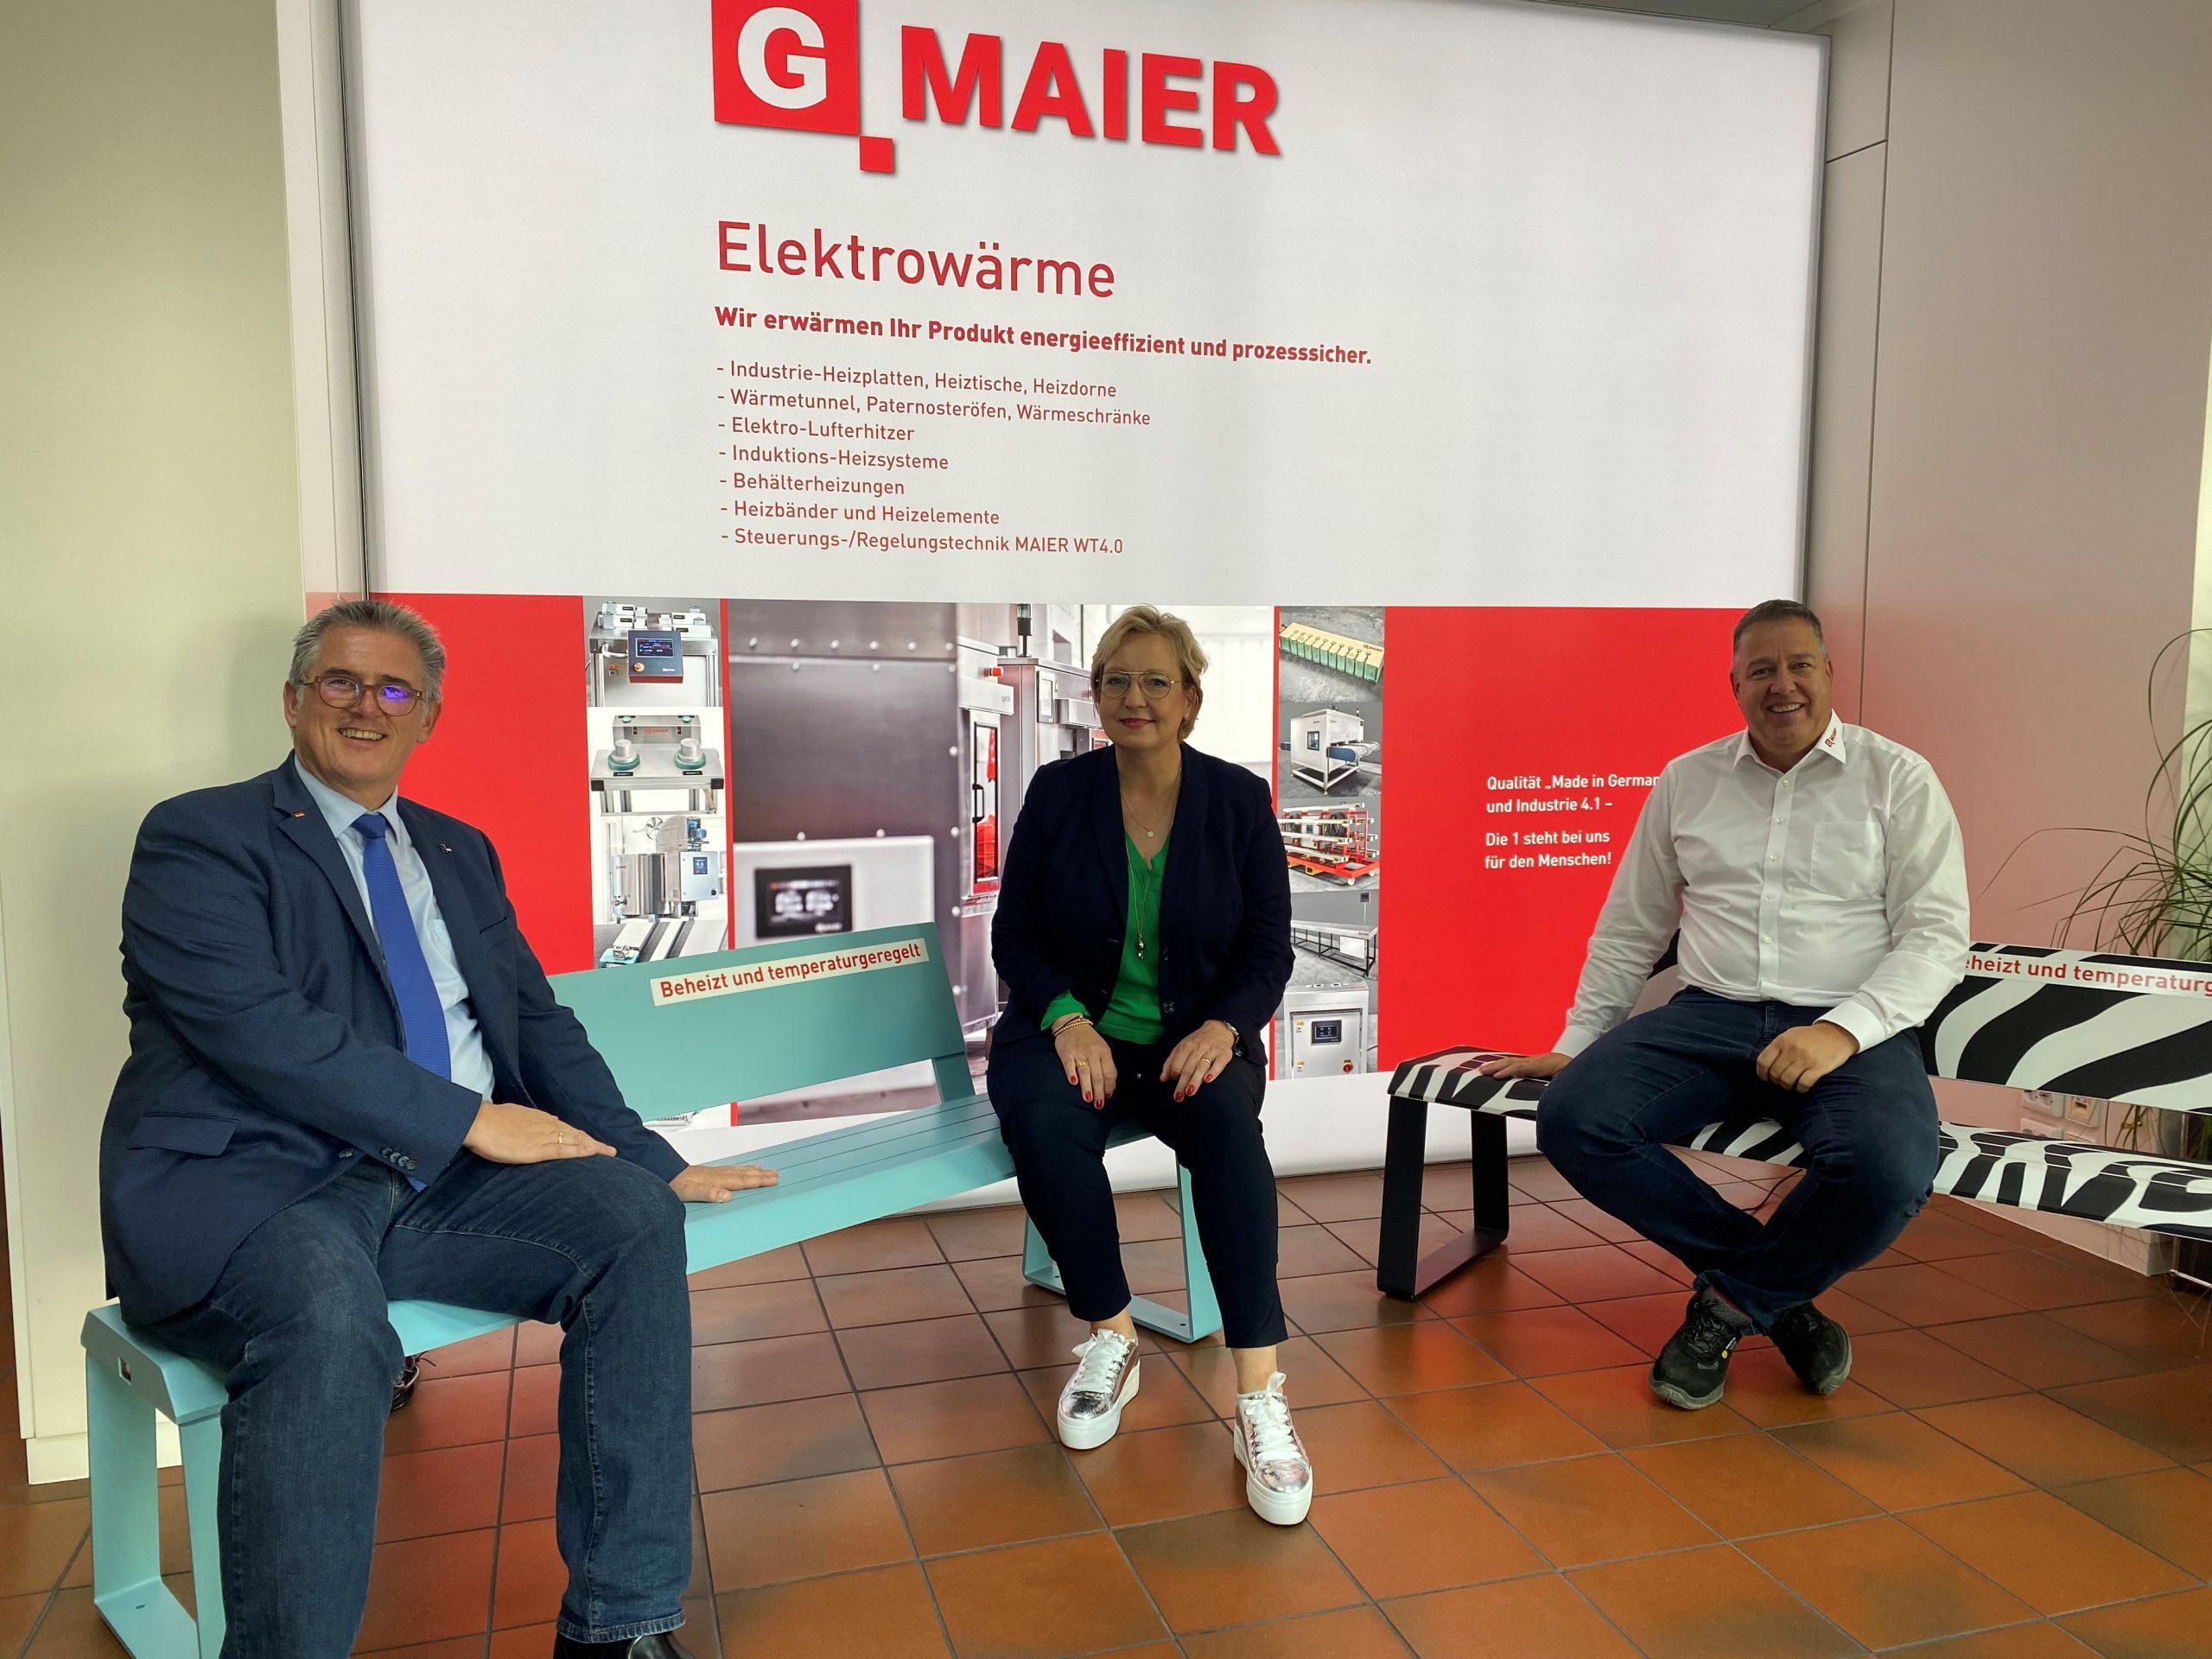 Michael Donth zu Gast bei G. MAIER